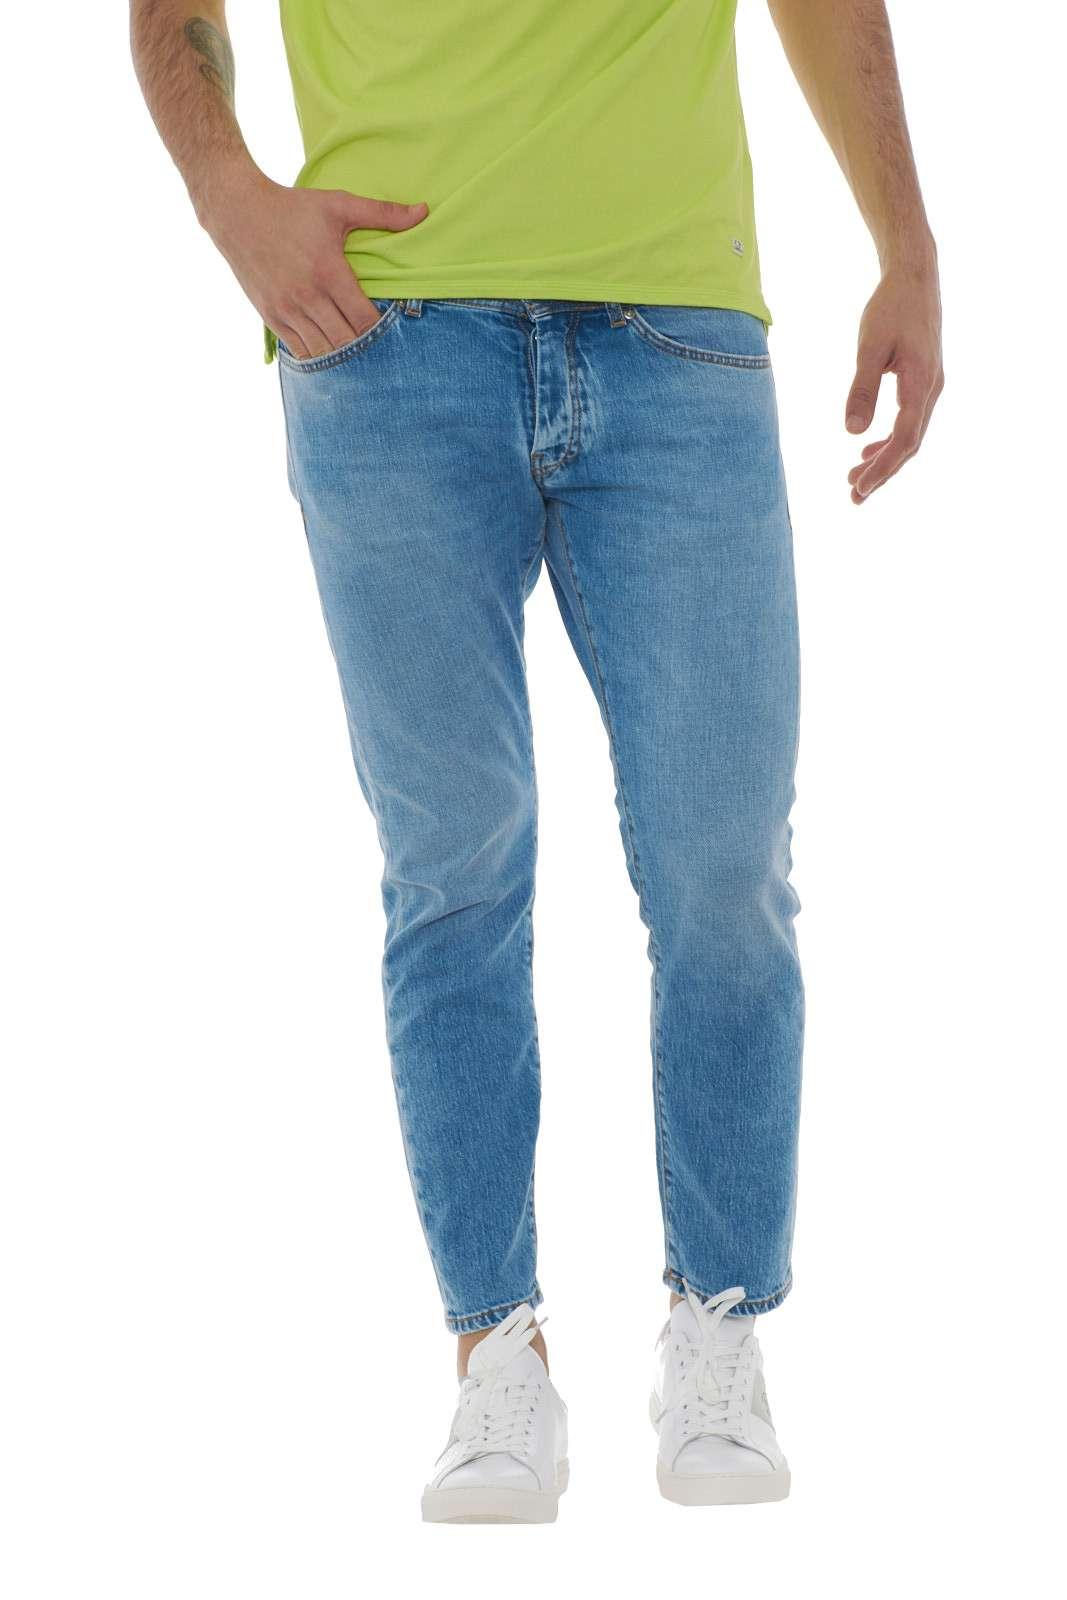 Il Jeans Mark 1118 firmato Mc Denimerie, diventerà la tua sicurezza per ogni outfit tu voglia indossare. Un modello capri, che risulterà comode e leggero lungo la gamba, lasciando libertà di movimento e freschezza anche con il caldo estivo. Un essential maschile. Il modello è alto 1.90m e indossa la taglia 36.